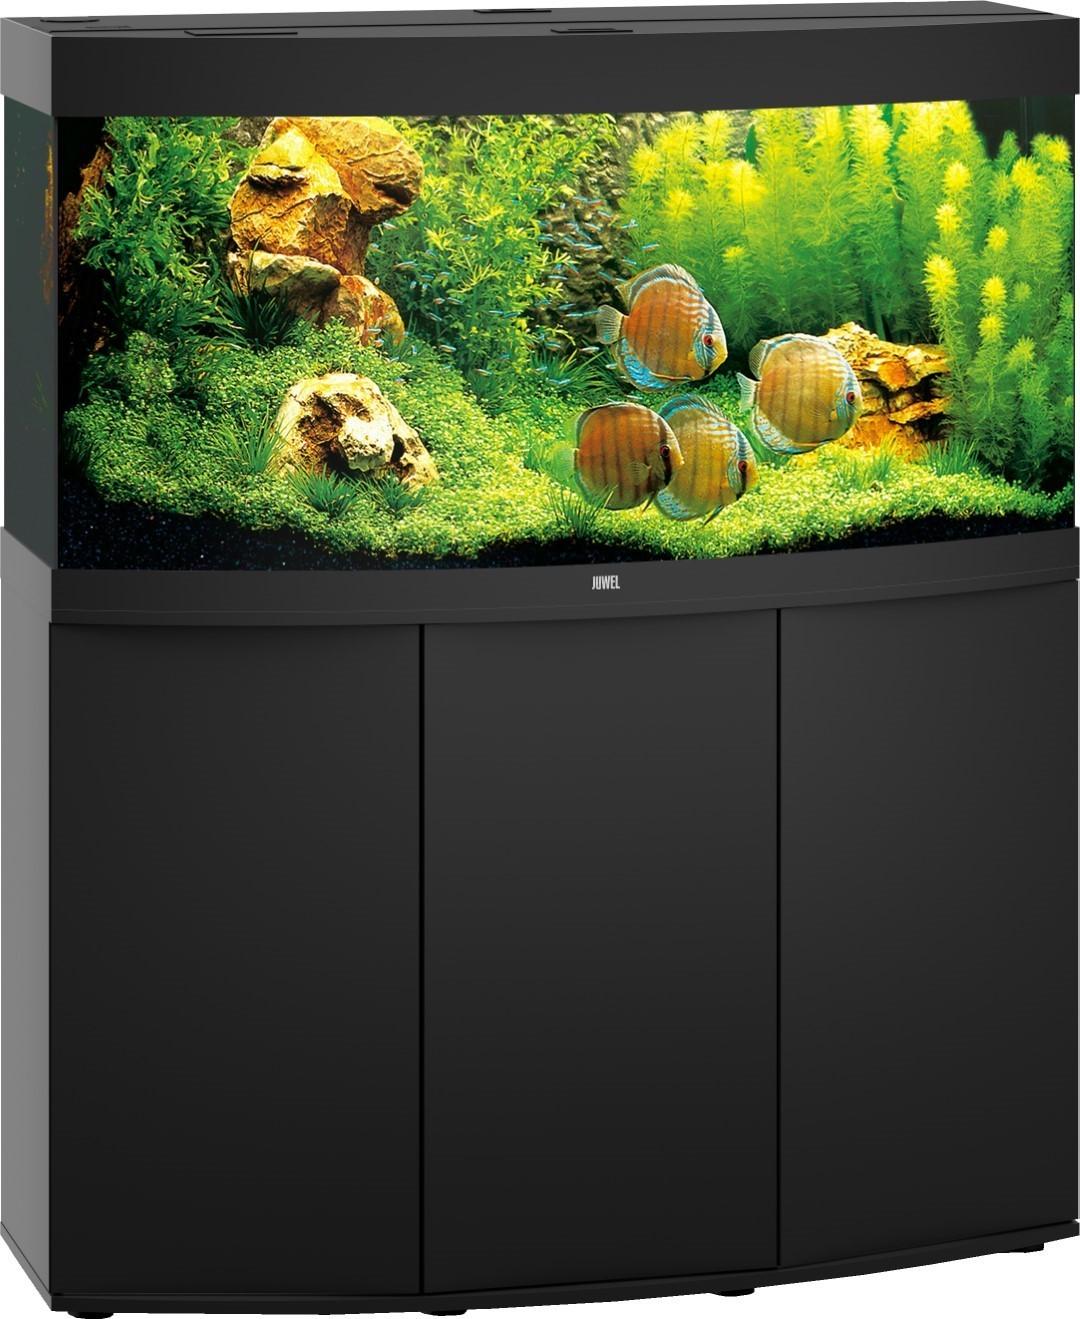 Juwel aquarium Vision 260 LED met filter zwart